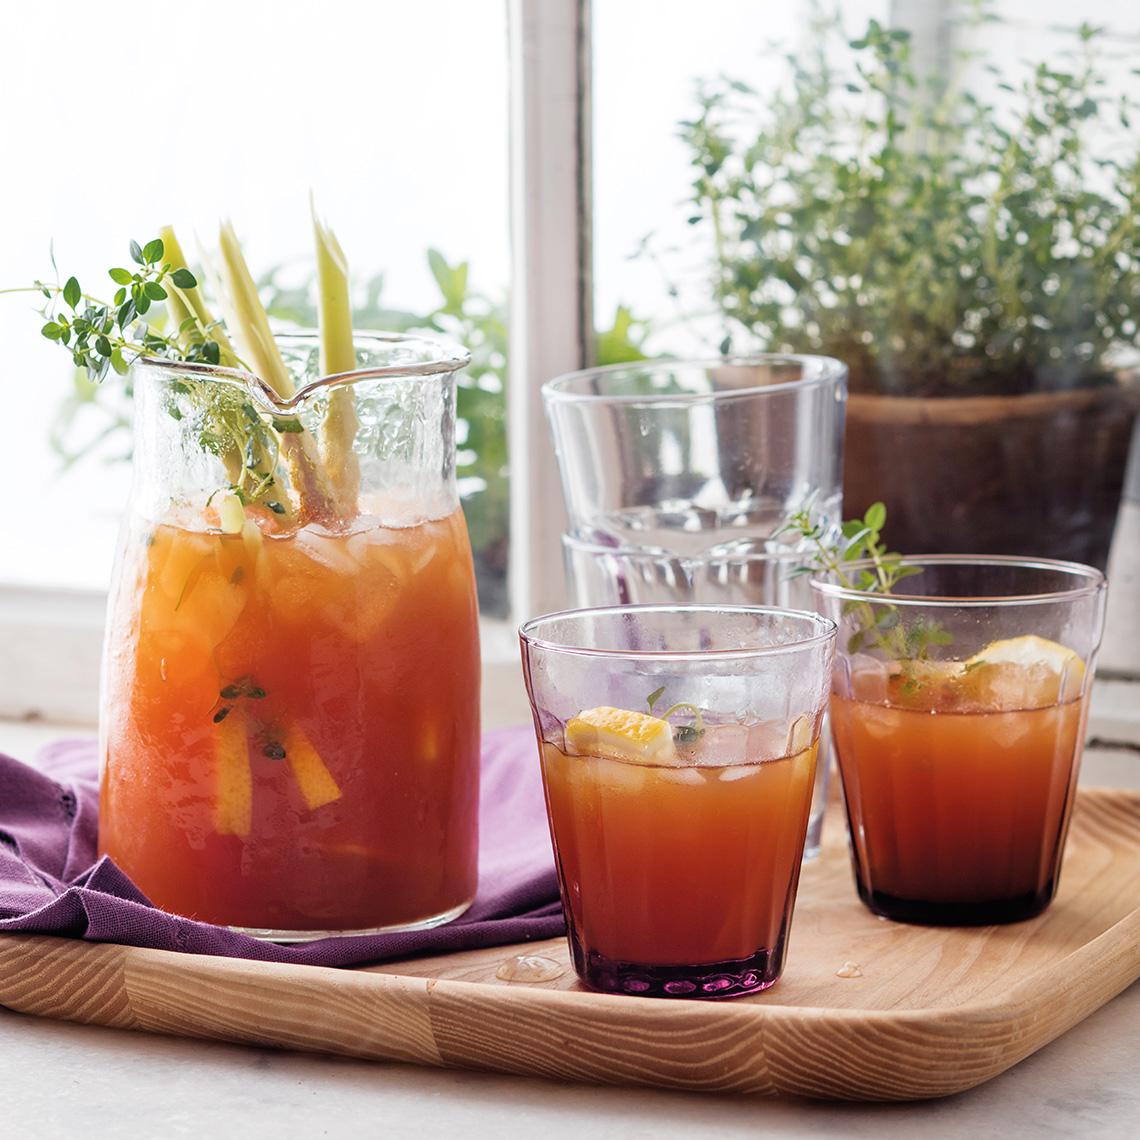 Lemongrass and ginger herb tea